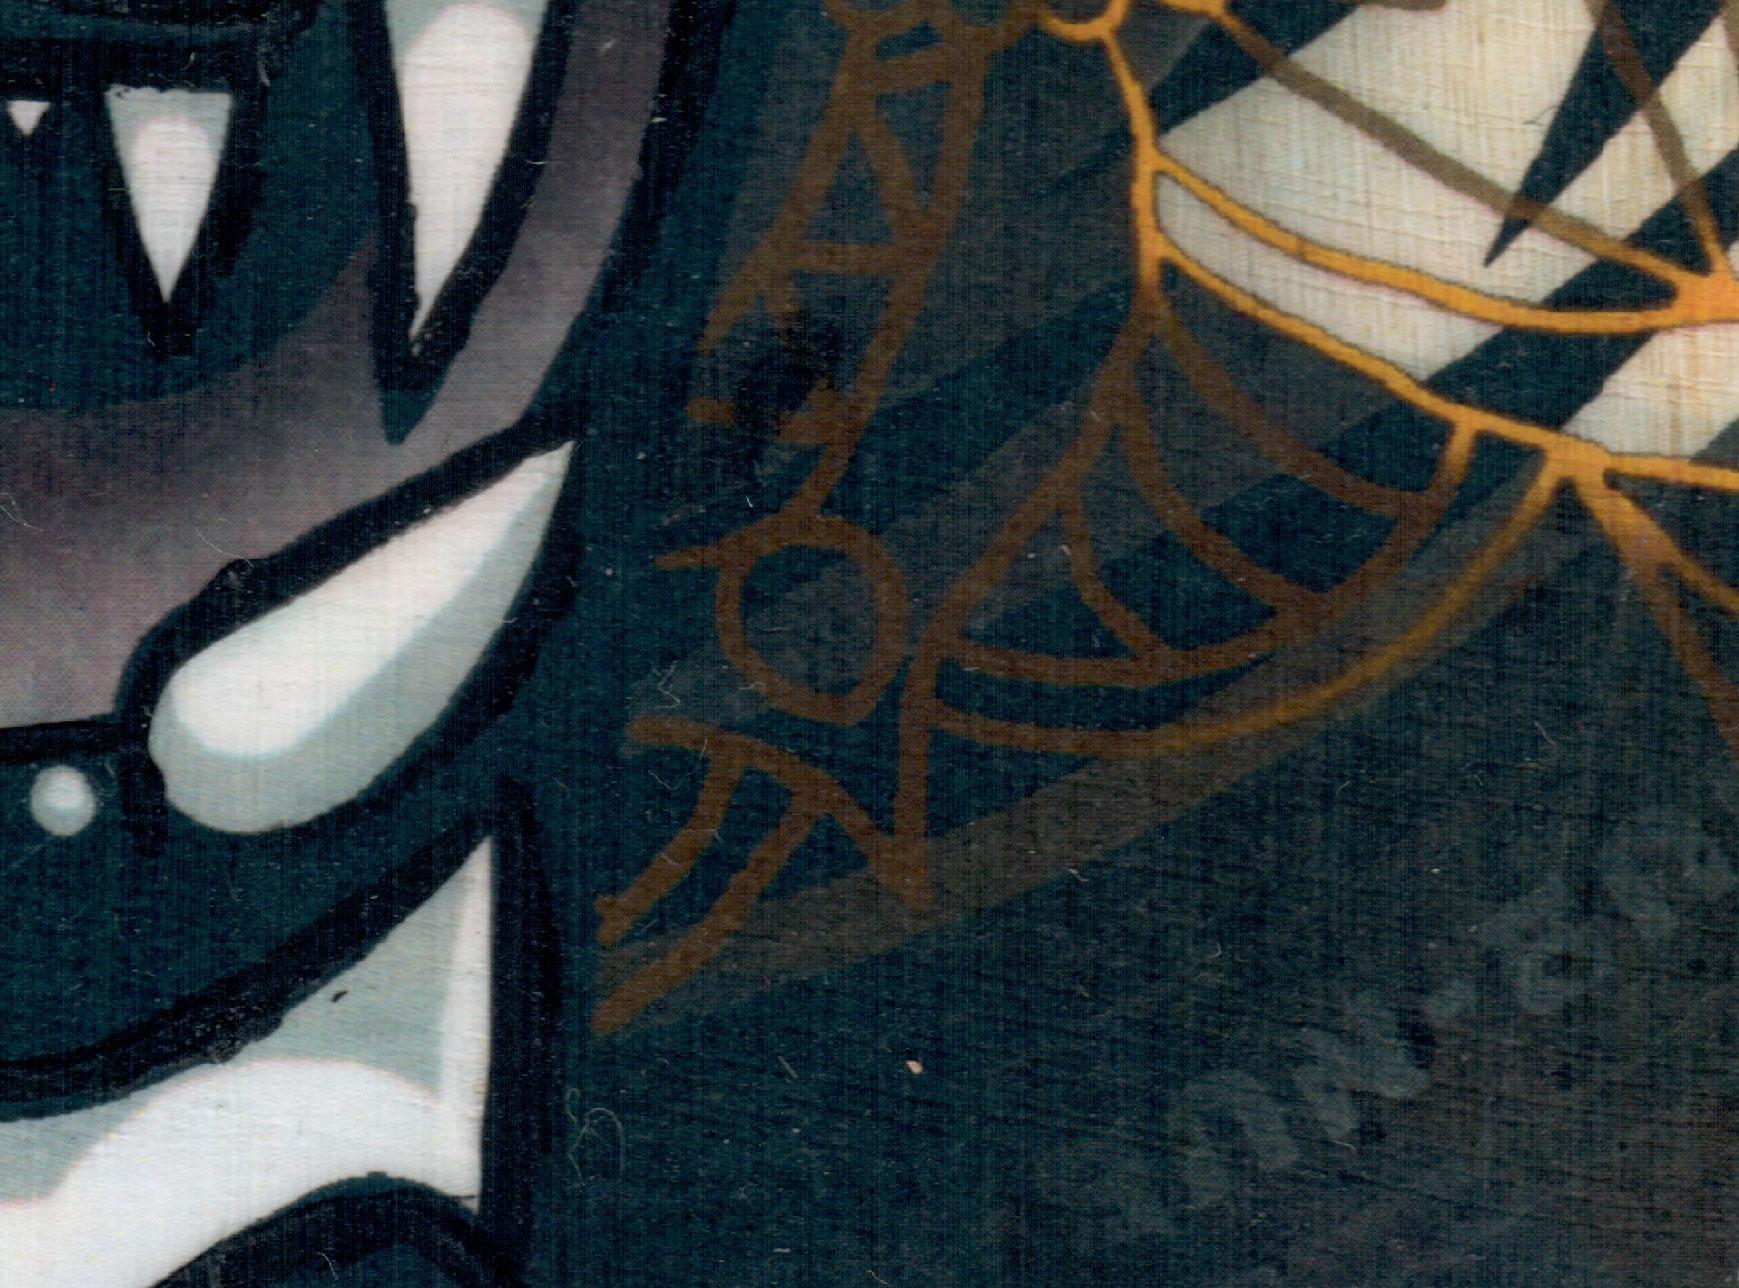 DensVenandi-Pinting_Detail3.jpg